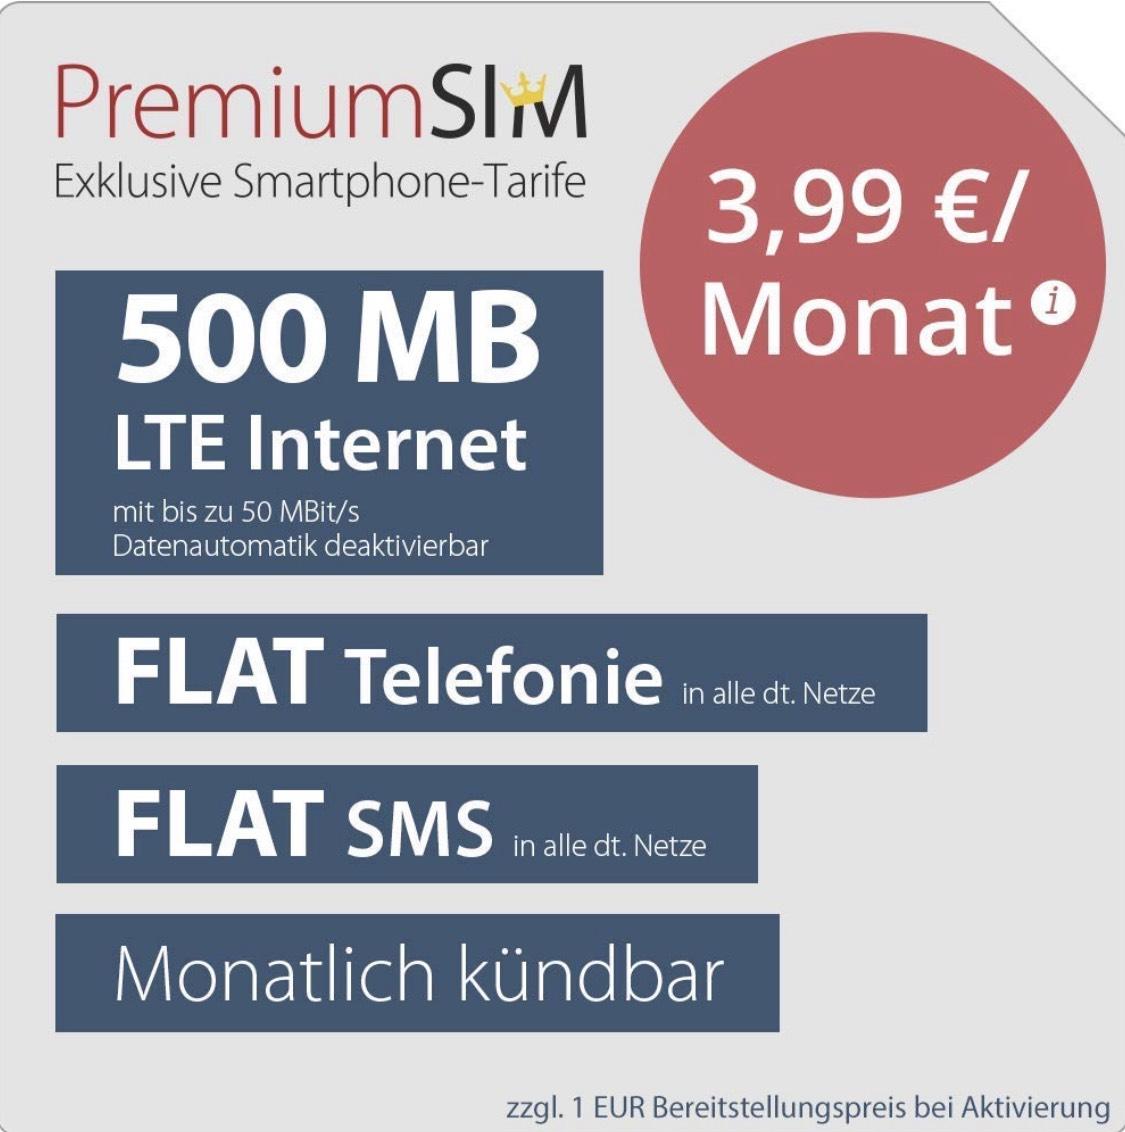 PremiumSIM Deal bei Amazon: 500MB LTE, Flat Telefonie und SMS für 3,99€ mtl. monatlich kündbar